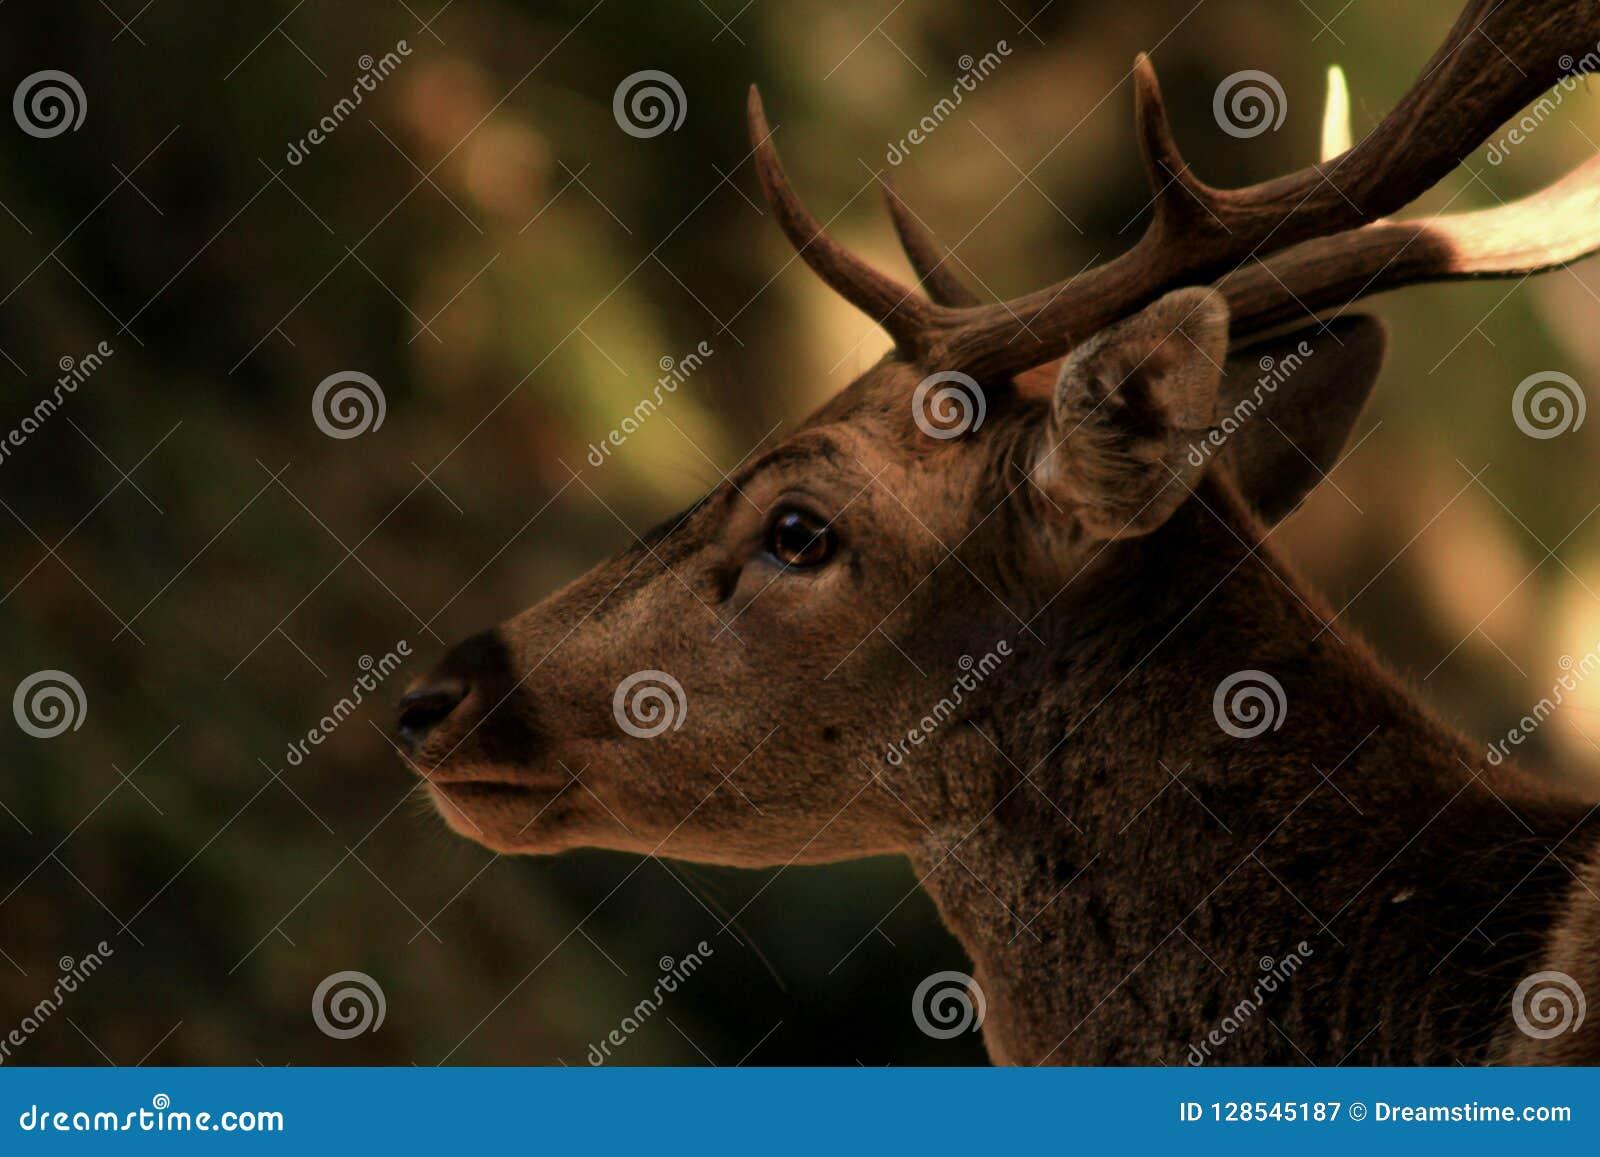 Male deer head